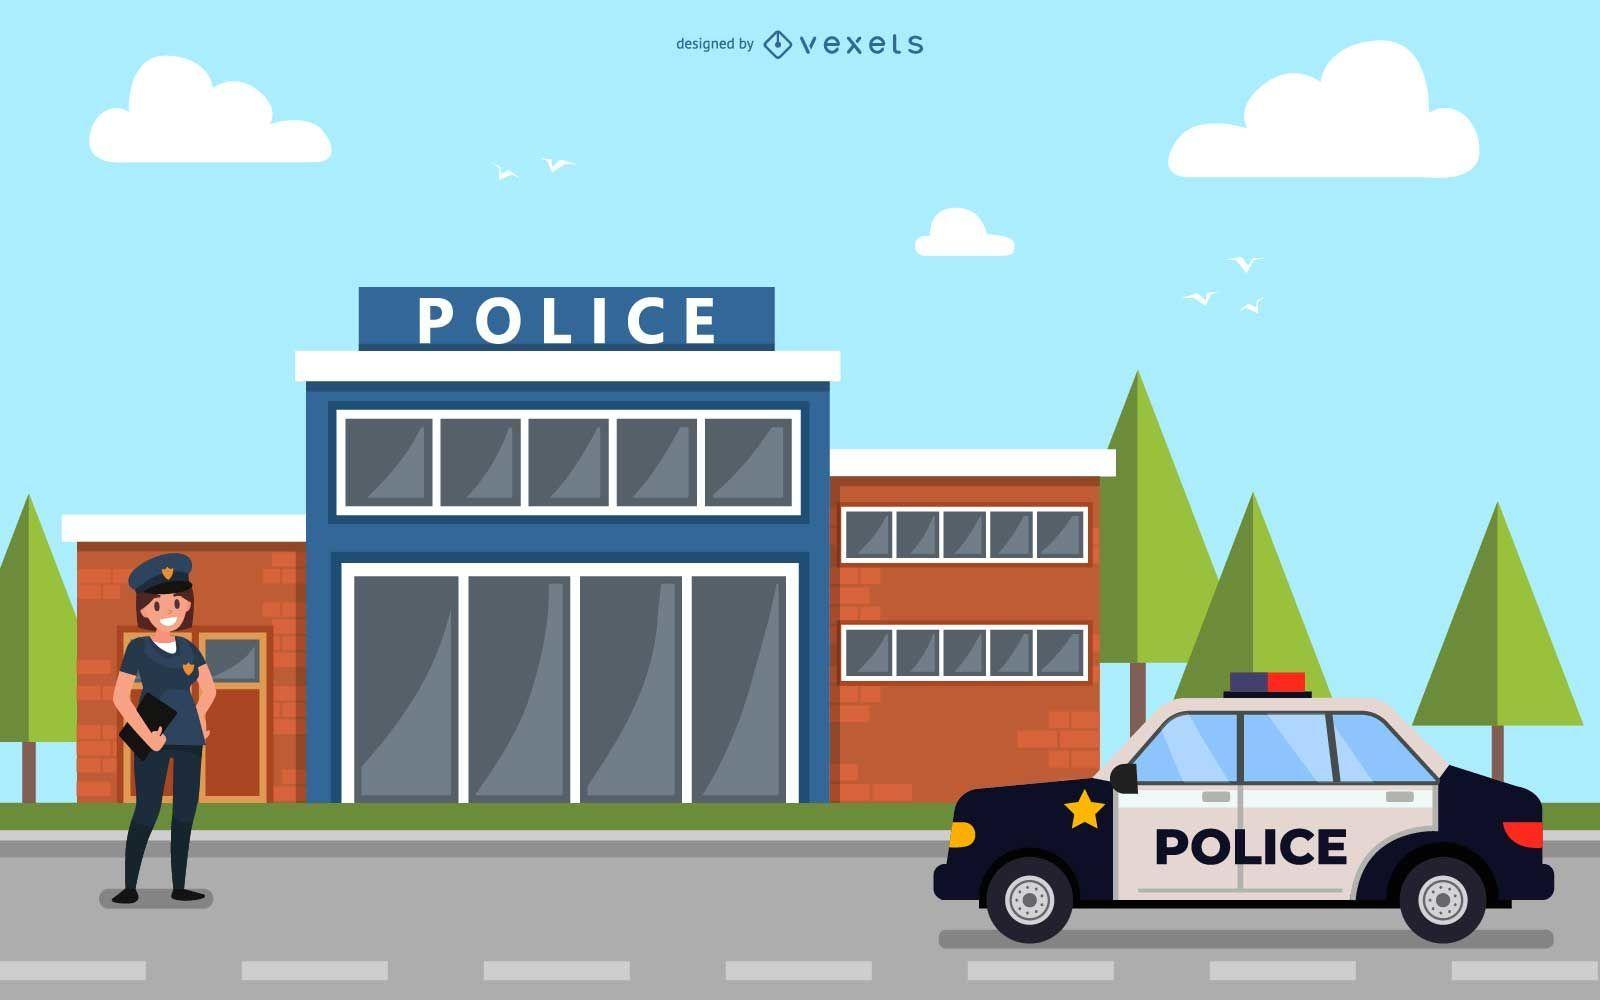 Police station officer and car illustartion